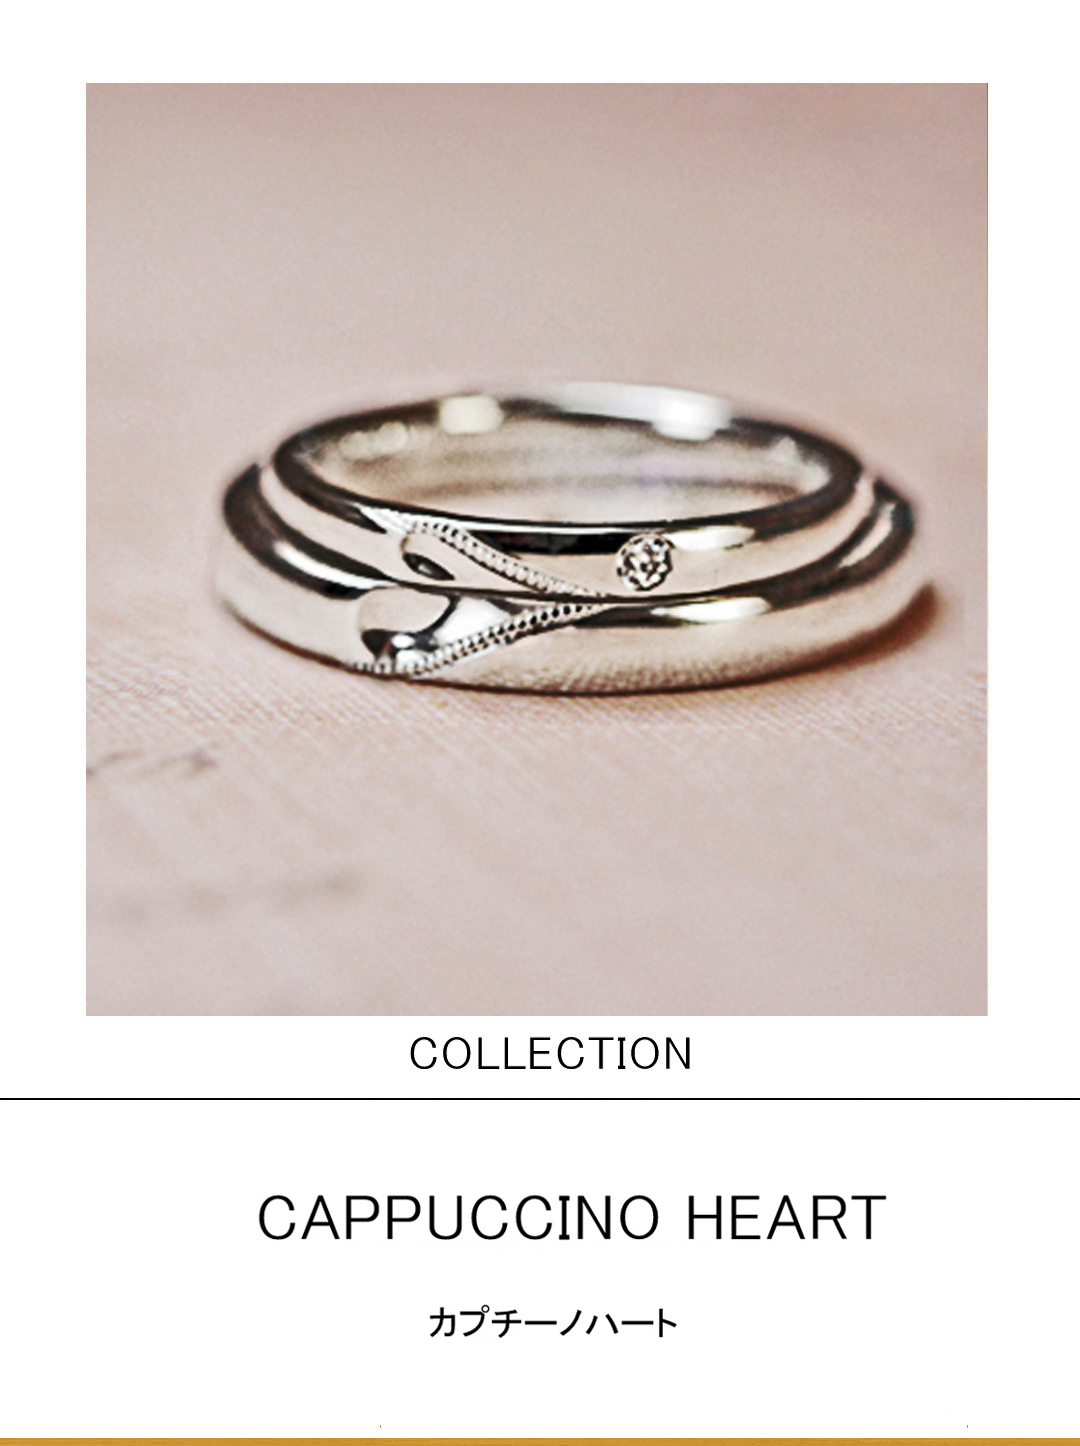 結婚指輪を重ねてカプチーノハートをつくるプラチナコレクションのサムネイル